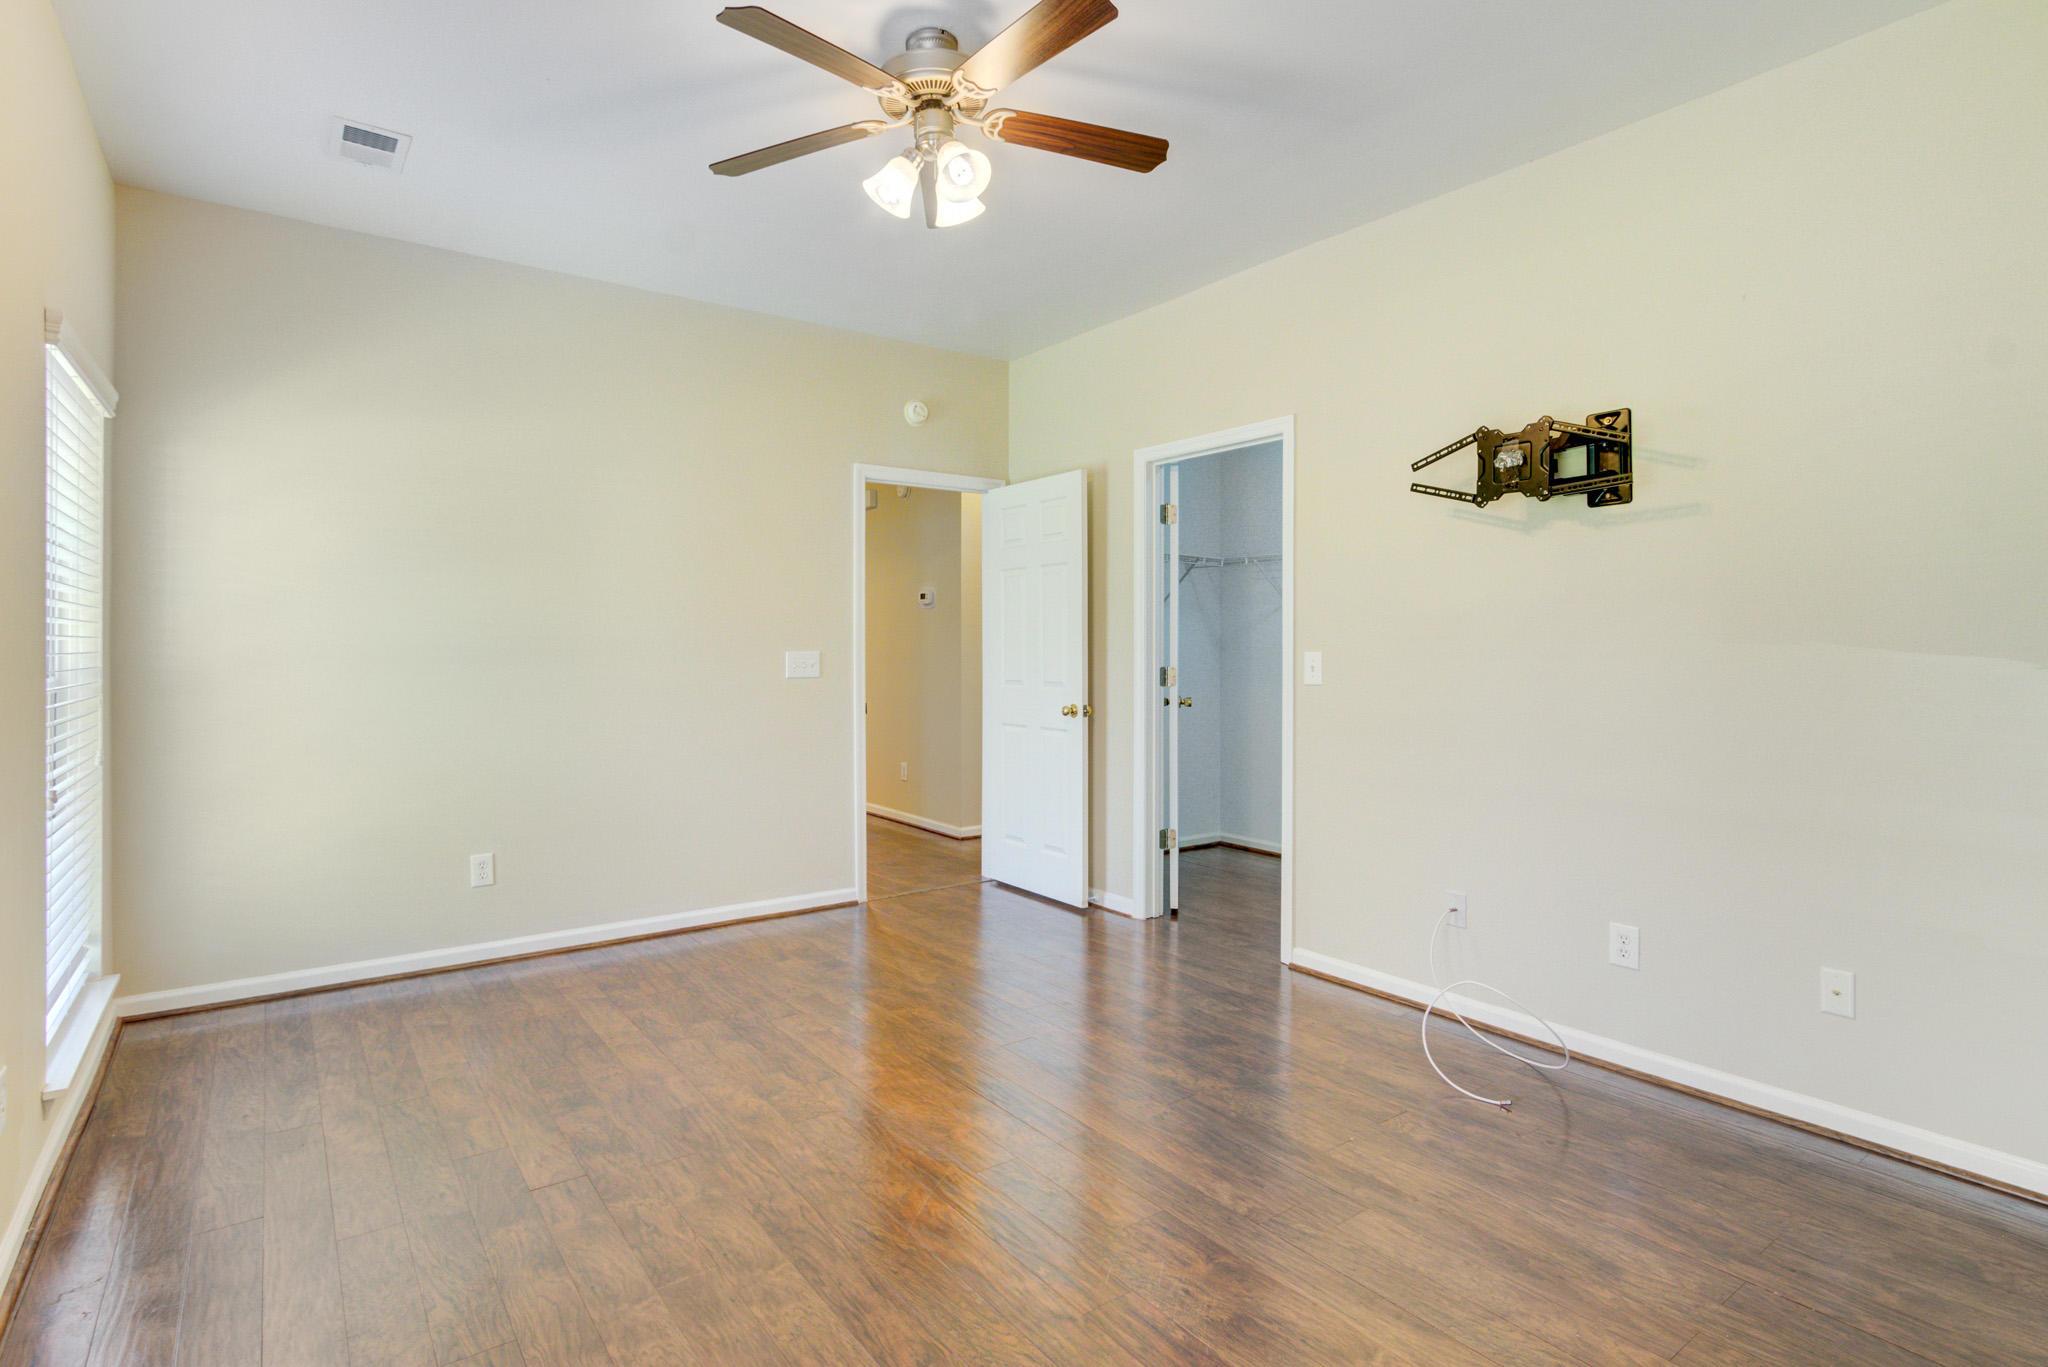 Dunes West Homes For Sale - 1645 Pin Oak Cut, Mount Pleasant, SC - 8